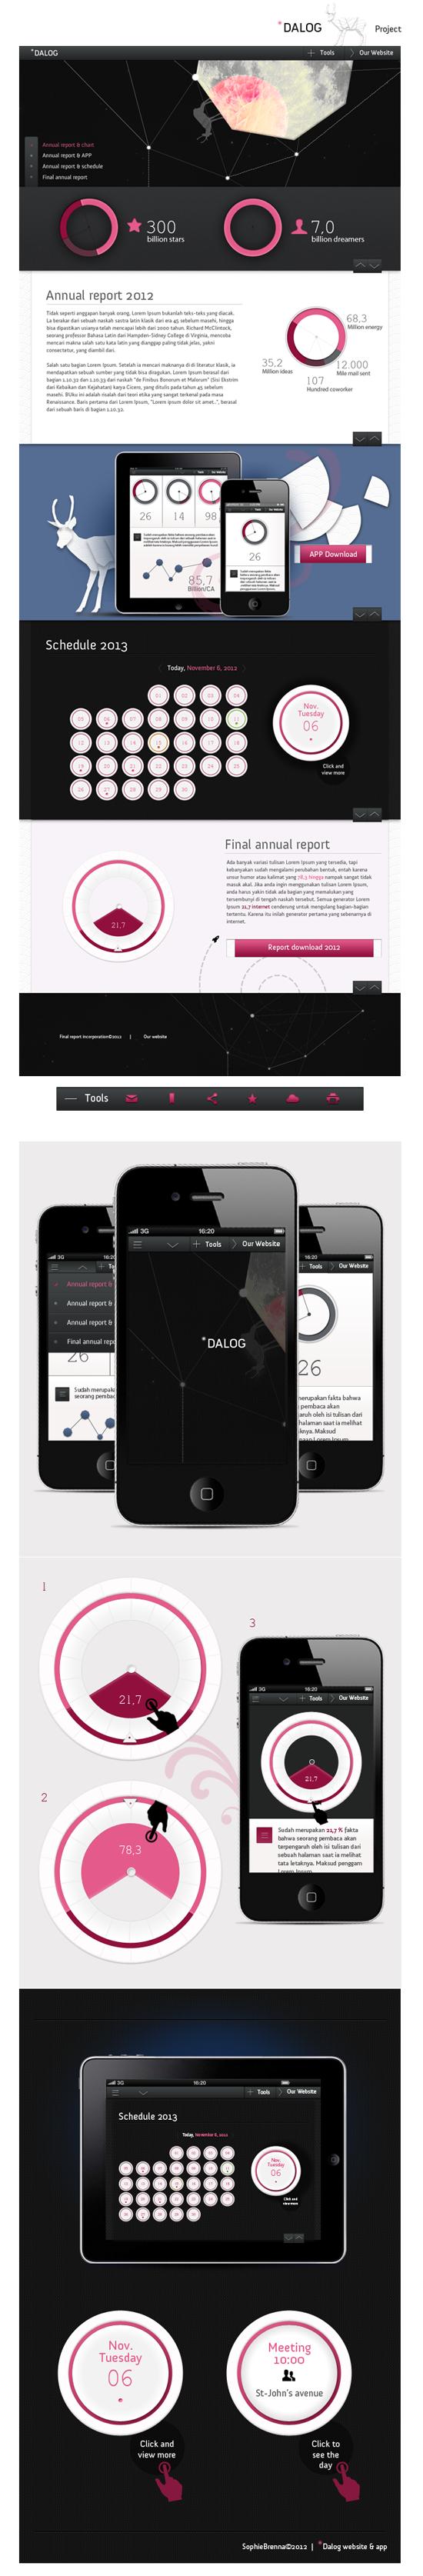 Dalog website